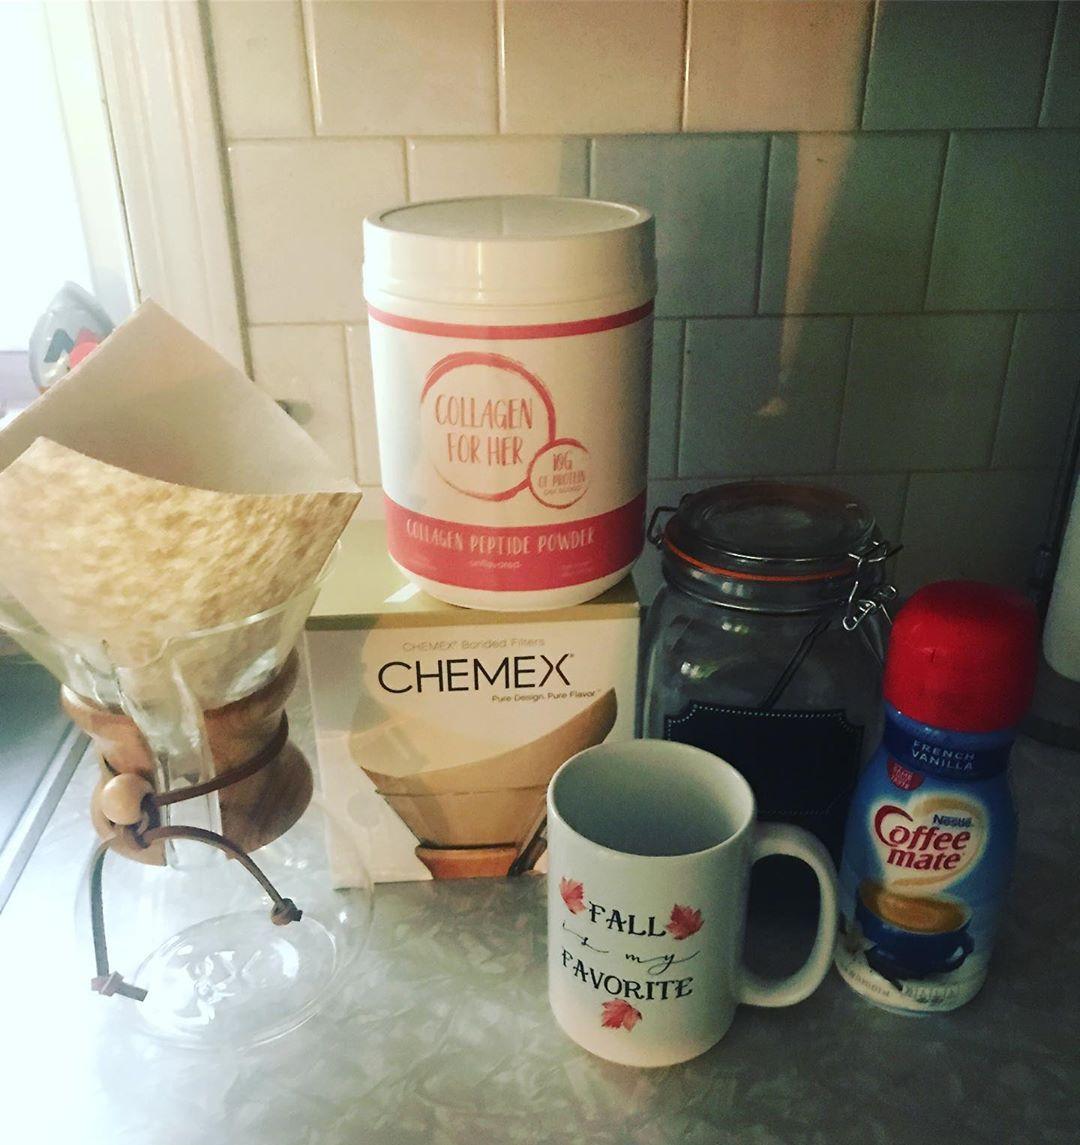 HappyFall best way to start my day..... coffee I do one